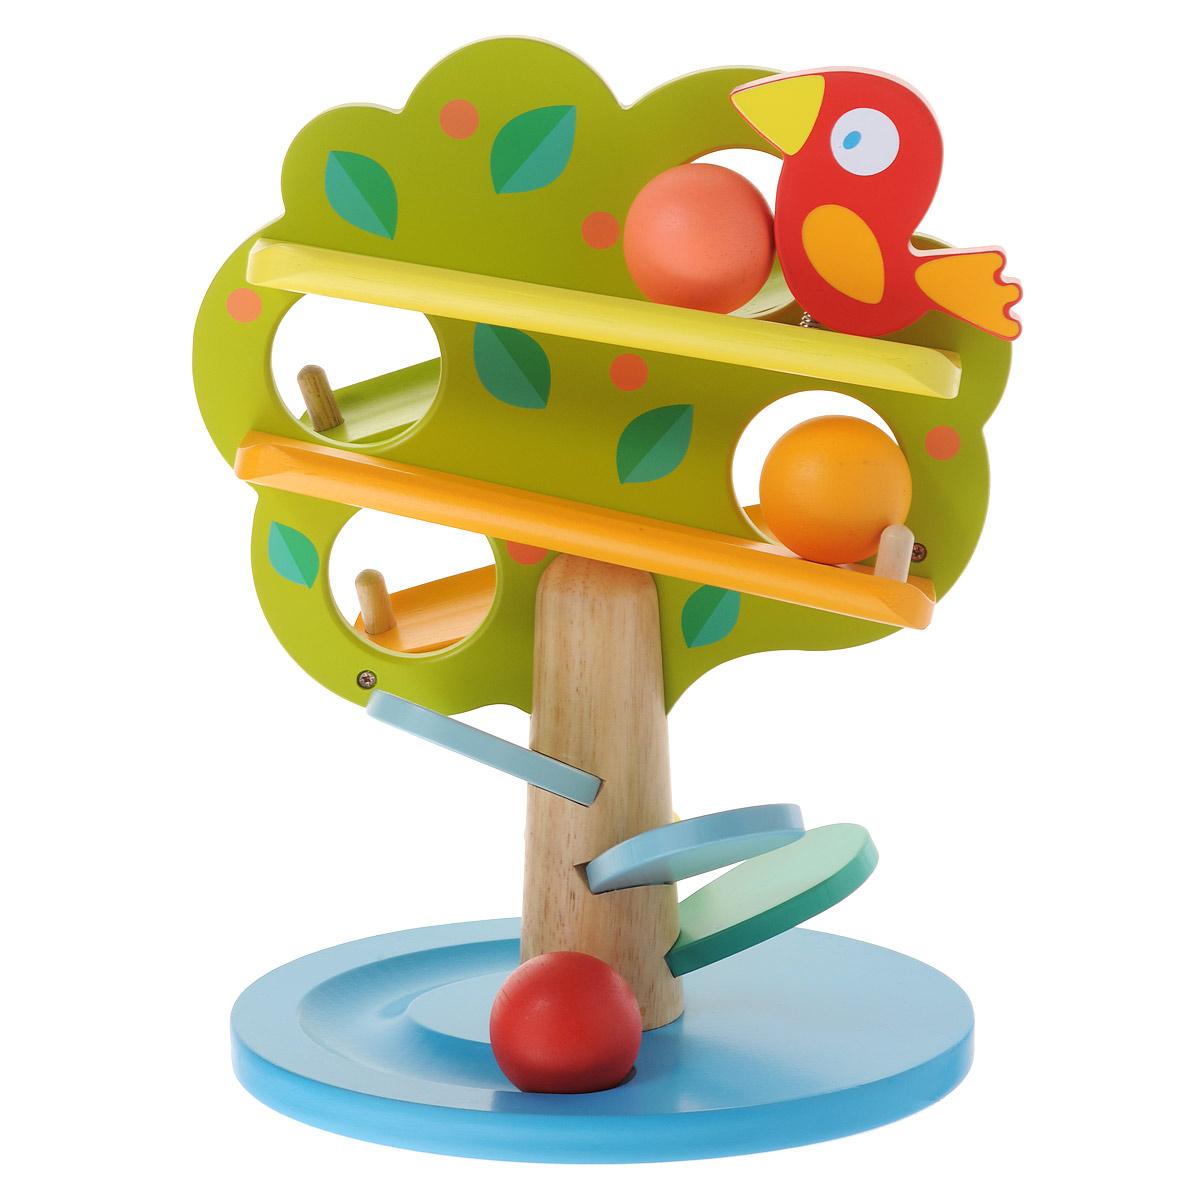 Djeco Деревянная игрушка Кугельбан Дерево06390Игрушка Djeco Кугельбан Дерево выполнена в виде деревца с круглым основанием, на котором расположен цветочек на металлической пружинке. В верхней части игрушки находится забавная птичка также на металлической пружинке. В листве дерева имеются четыре круглых отверстия. В комплект входят четыре шарика разных цветов. Малыш сможет опускать шарики в любое из отверстий и наблюдать, как шарики весело скатываются по спирали в самый низ игрушки, появляясь с разных сторон, и останавливаются в углублении основания. Игрушка и шары выполнены из дерева с использованием нетоксичных красок. Края деревца закруглены, что делает ее безопасной для ребенка. Играя с игрушкой Djeco Кугельбан Дерево, малыш развивает цветовое восприятие, мелкую моторику рук, координацию движений.